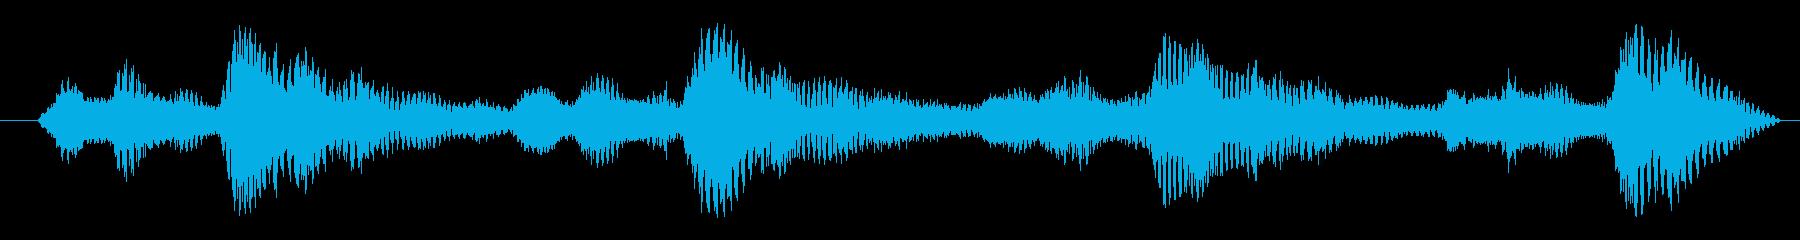 フィクション 実用性 アブストラク...の再生済みの波形